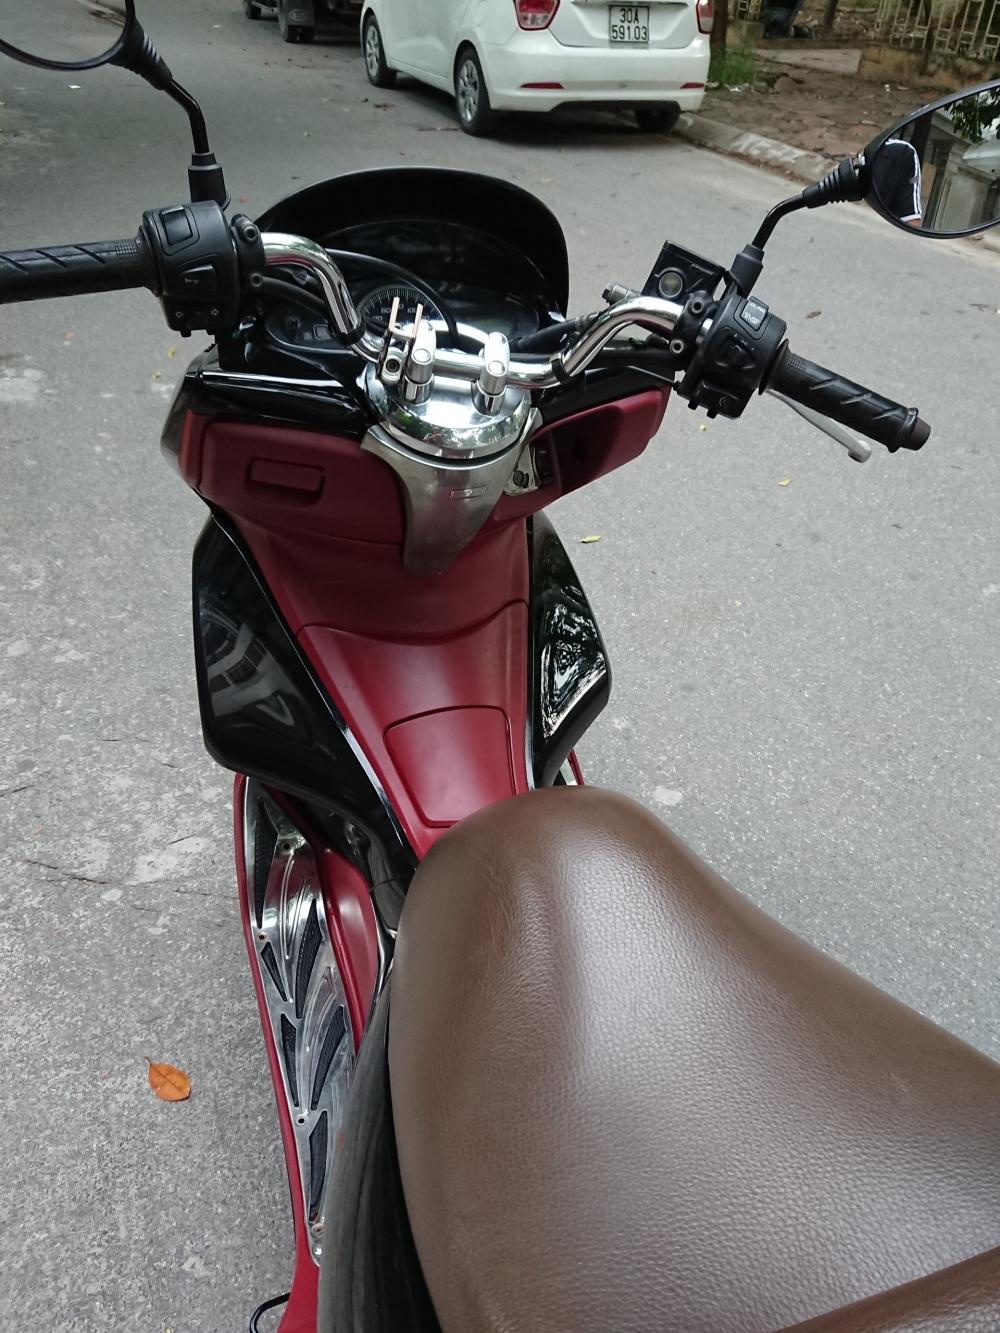 Can ban Pcx125 fi chinh chu 2012 Den con moi nha it su dung 29tr500 - 2